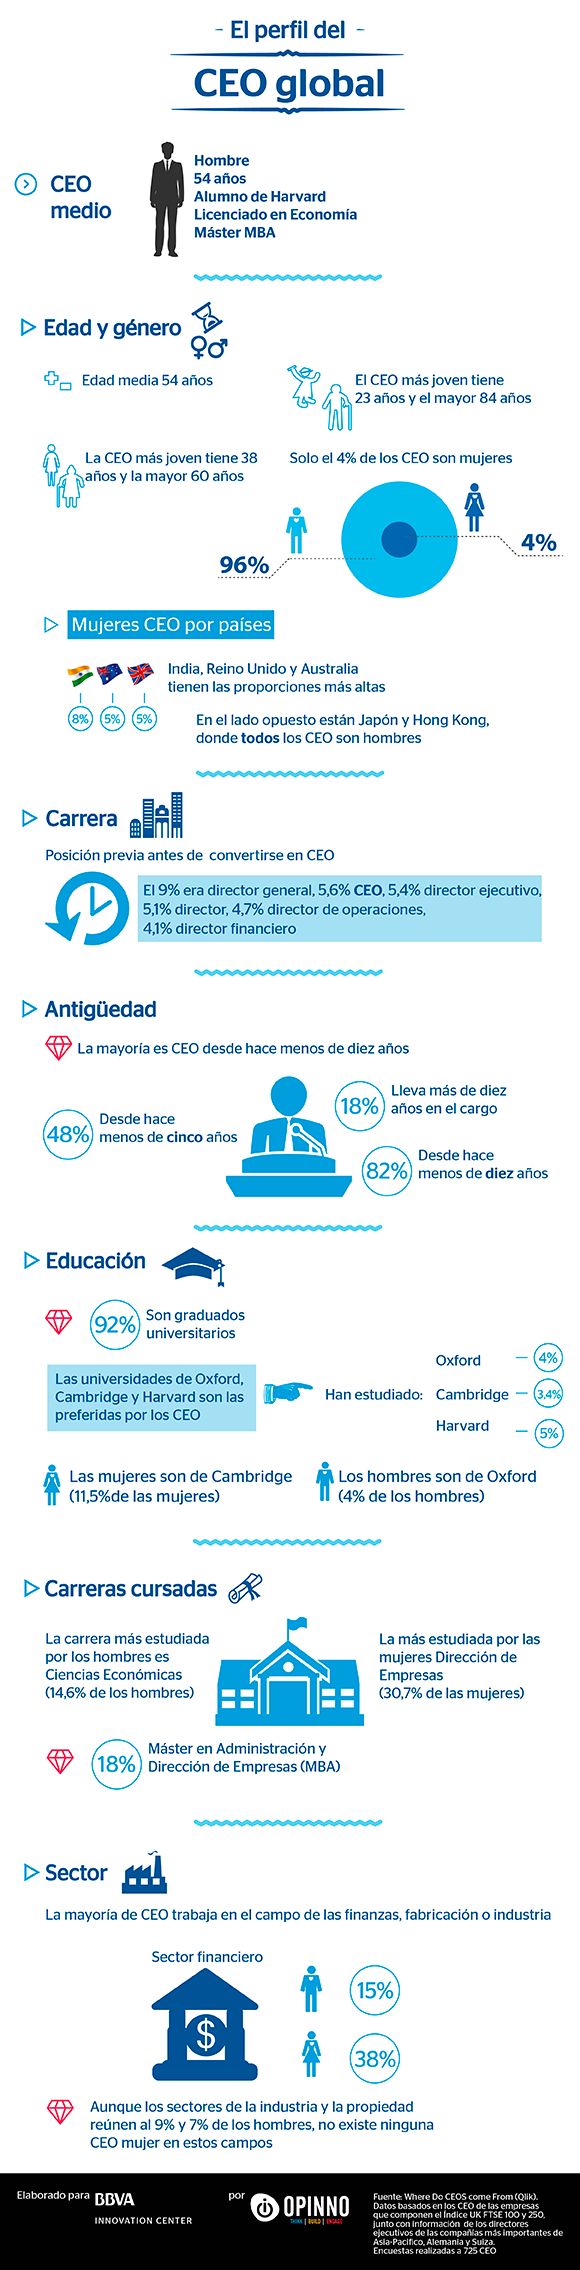 El perfil del CEO global